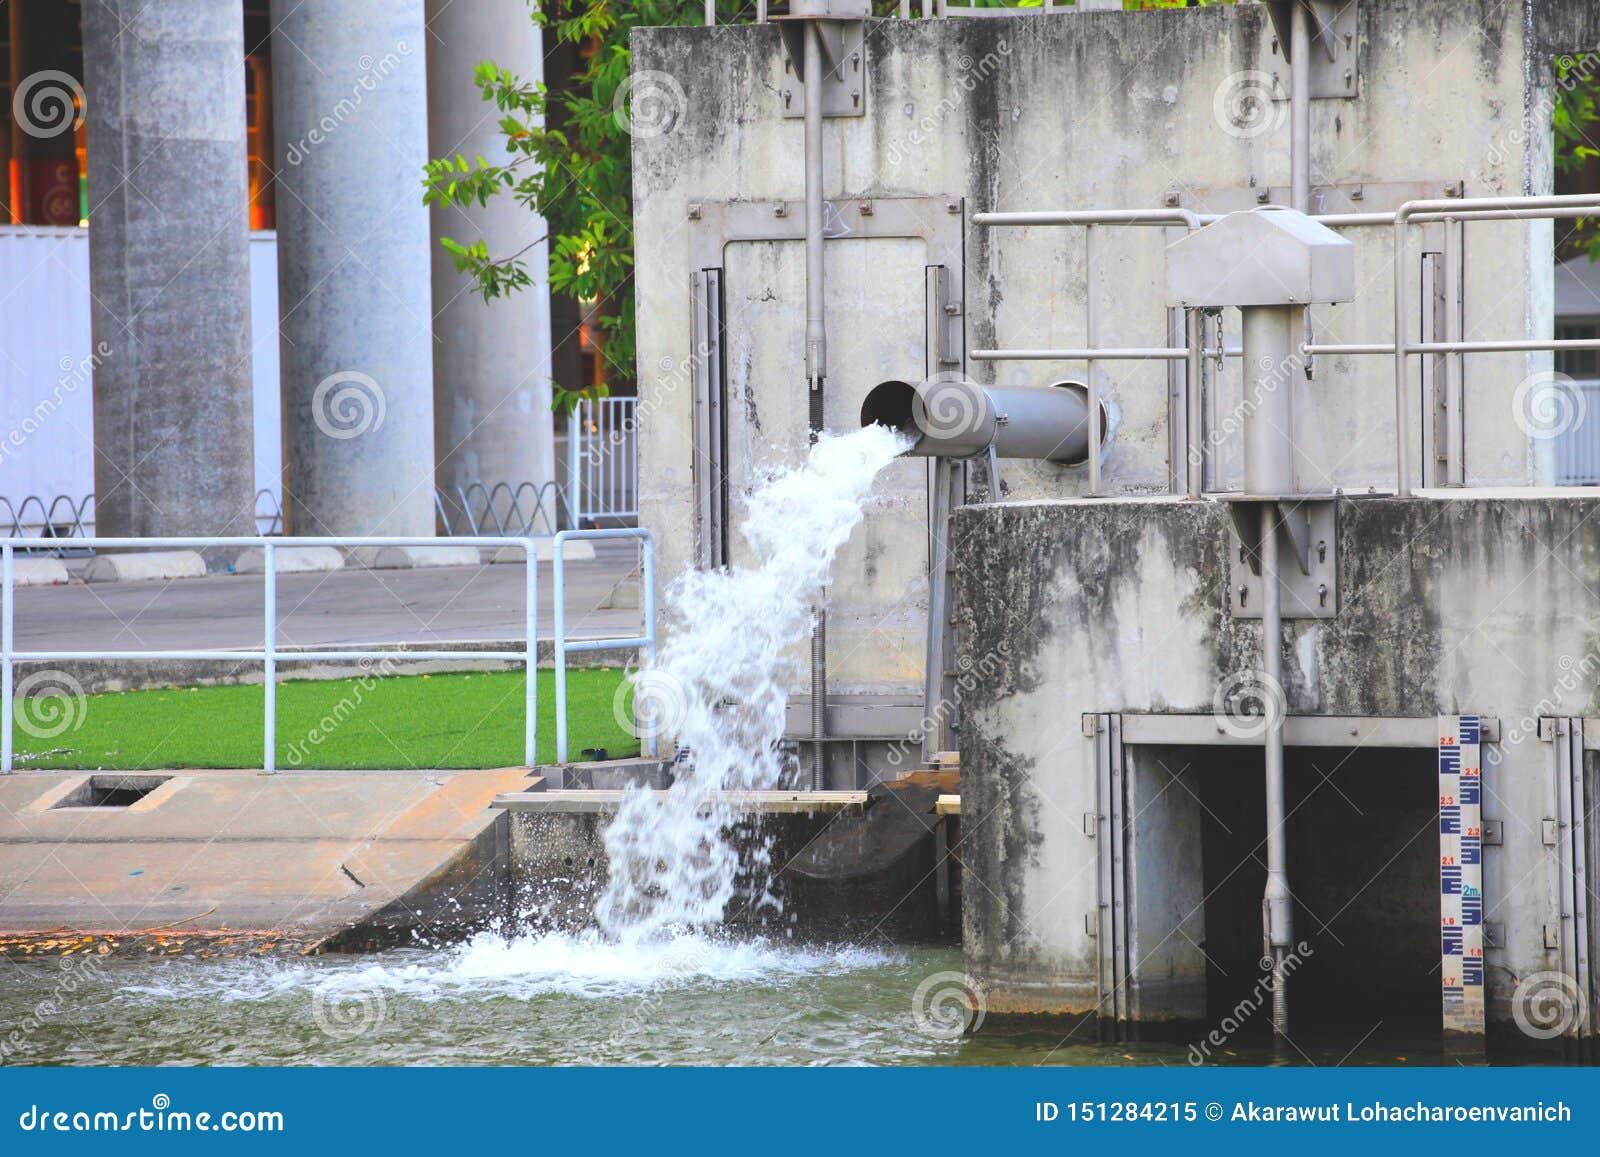 Abwasserbehandlung und Wiederverwertungssystem für Fabrik und industrielles Verschmutzungs- und Klimaprogramm